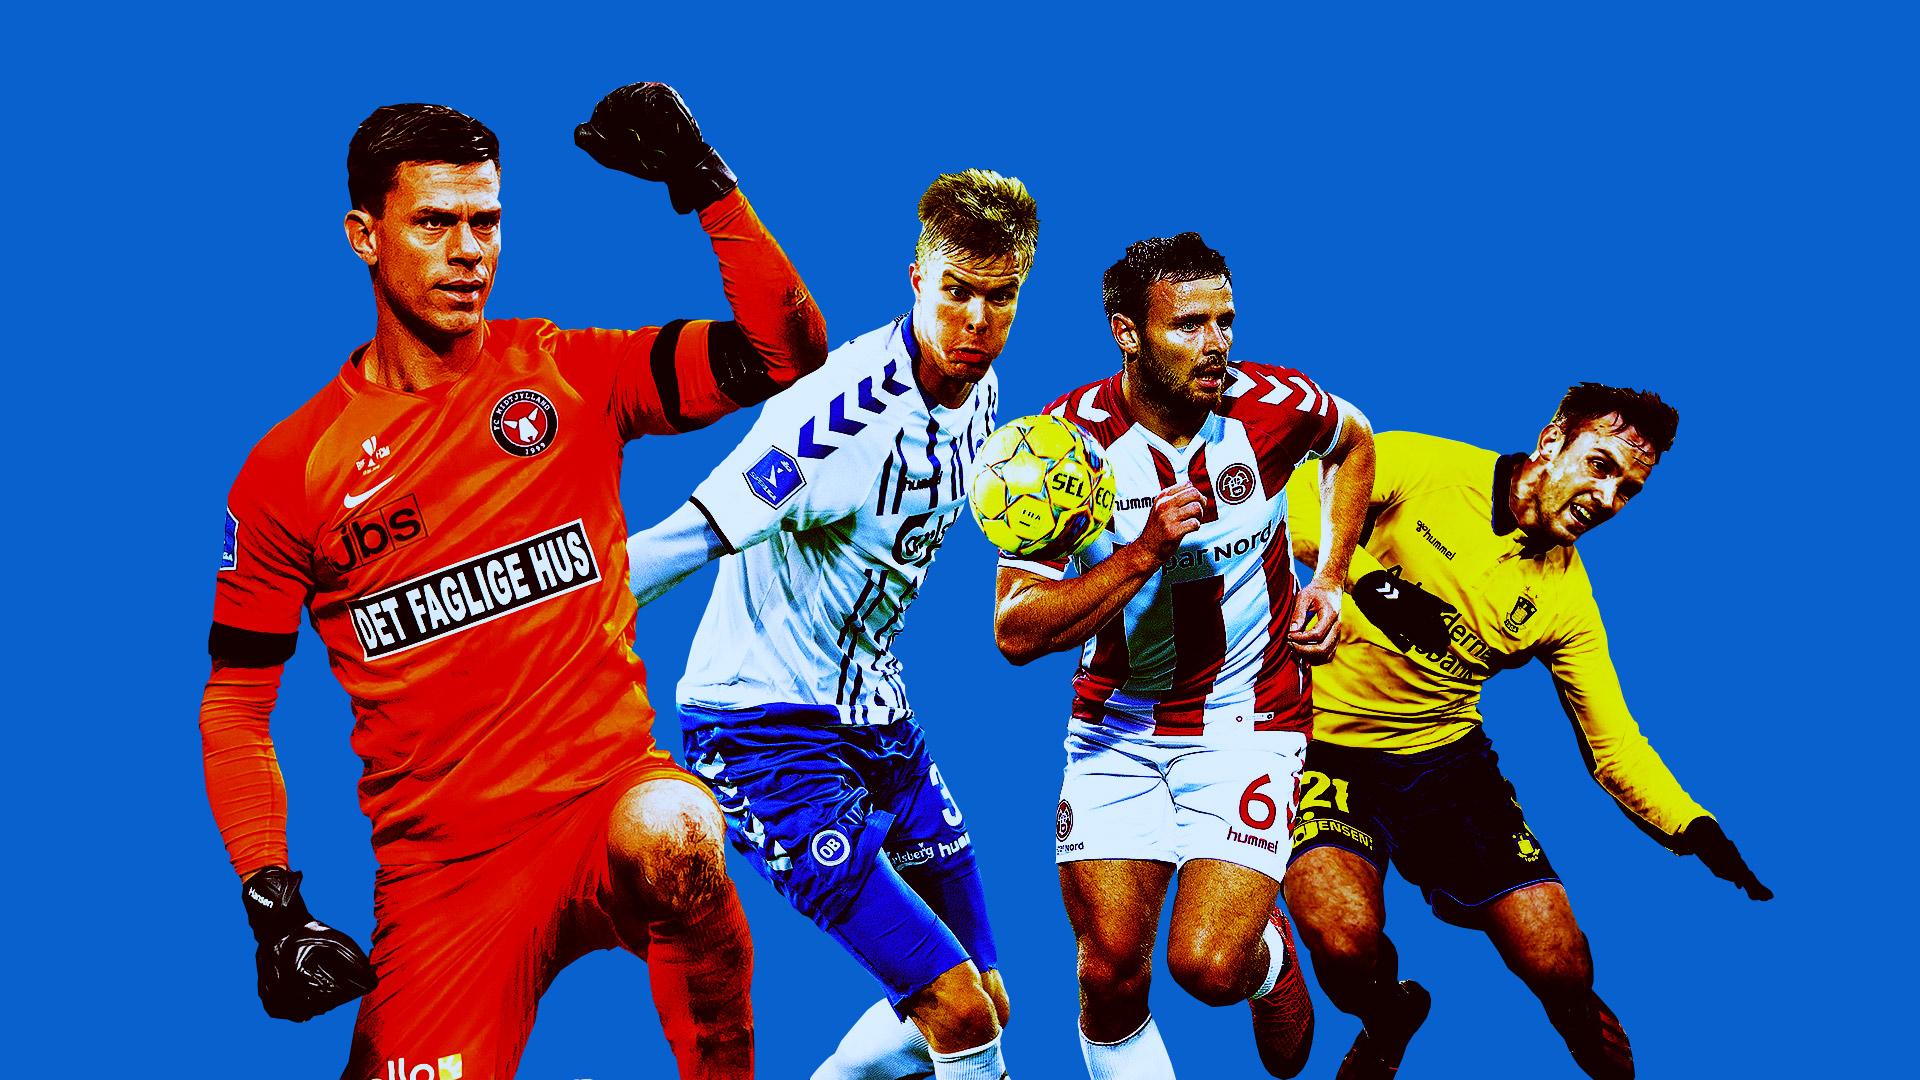 taetpaa_fodbold_artikel_v01.jpg